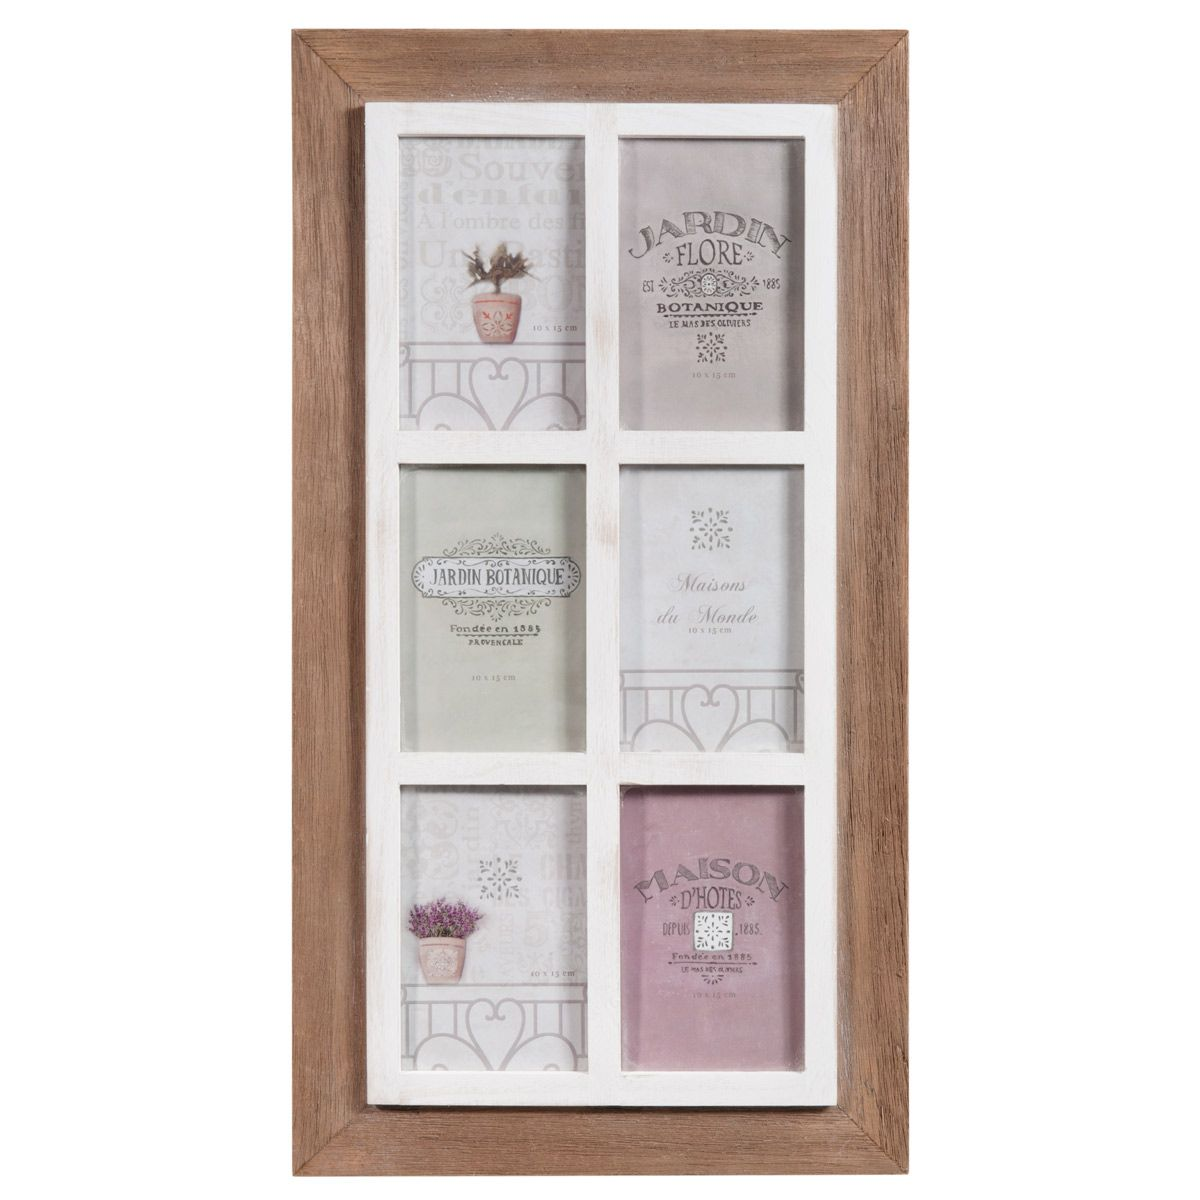 cadre photo 6 vues en bois 30 x 55 cm window deco pinterest fen tre photos et corniches. Black Bedroom Furniture Sets. Home Design Ideas